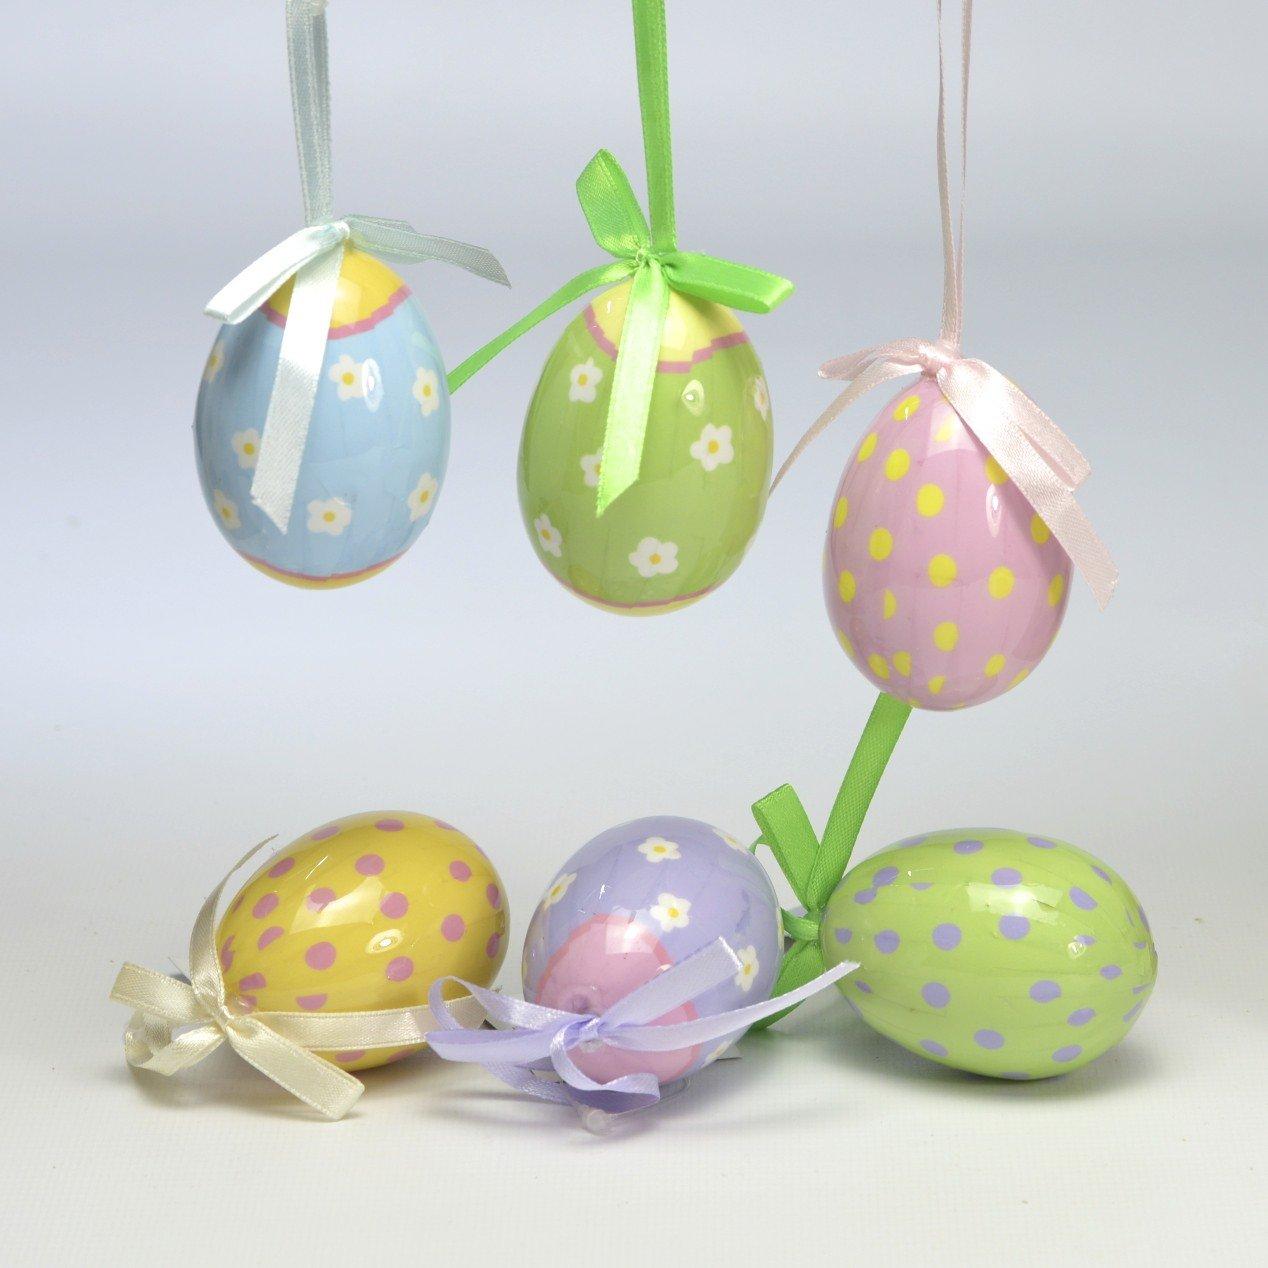 /Set di 6/Decorazioni da Appendere Uova di Pasqua Gisela Graham/ Motivo Floreale e Pois 6/cm